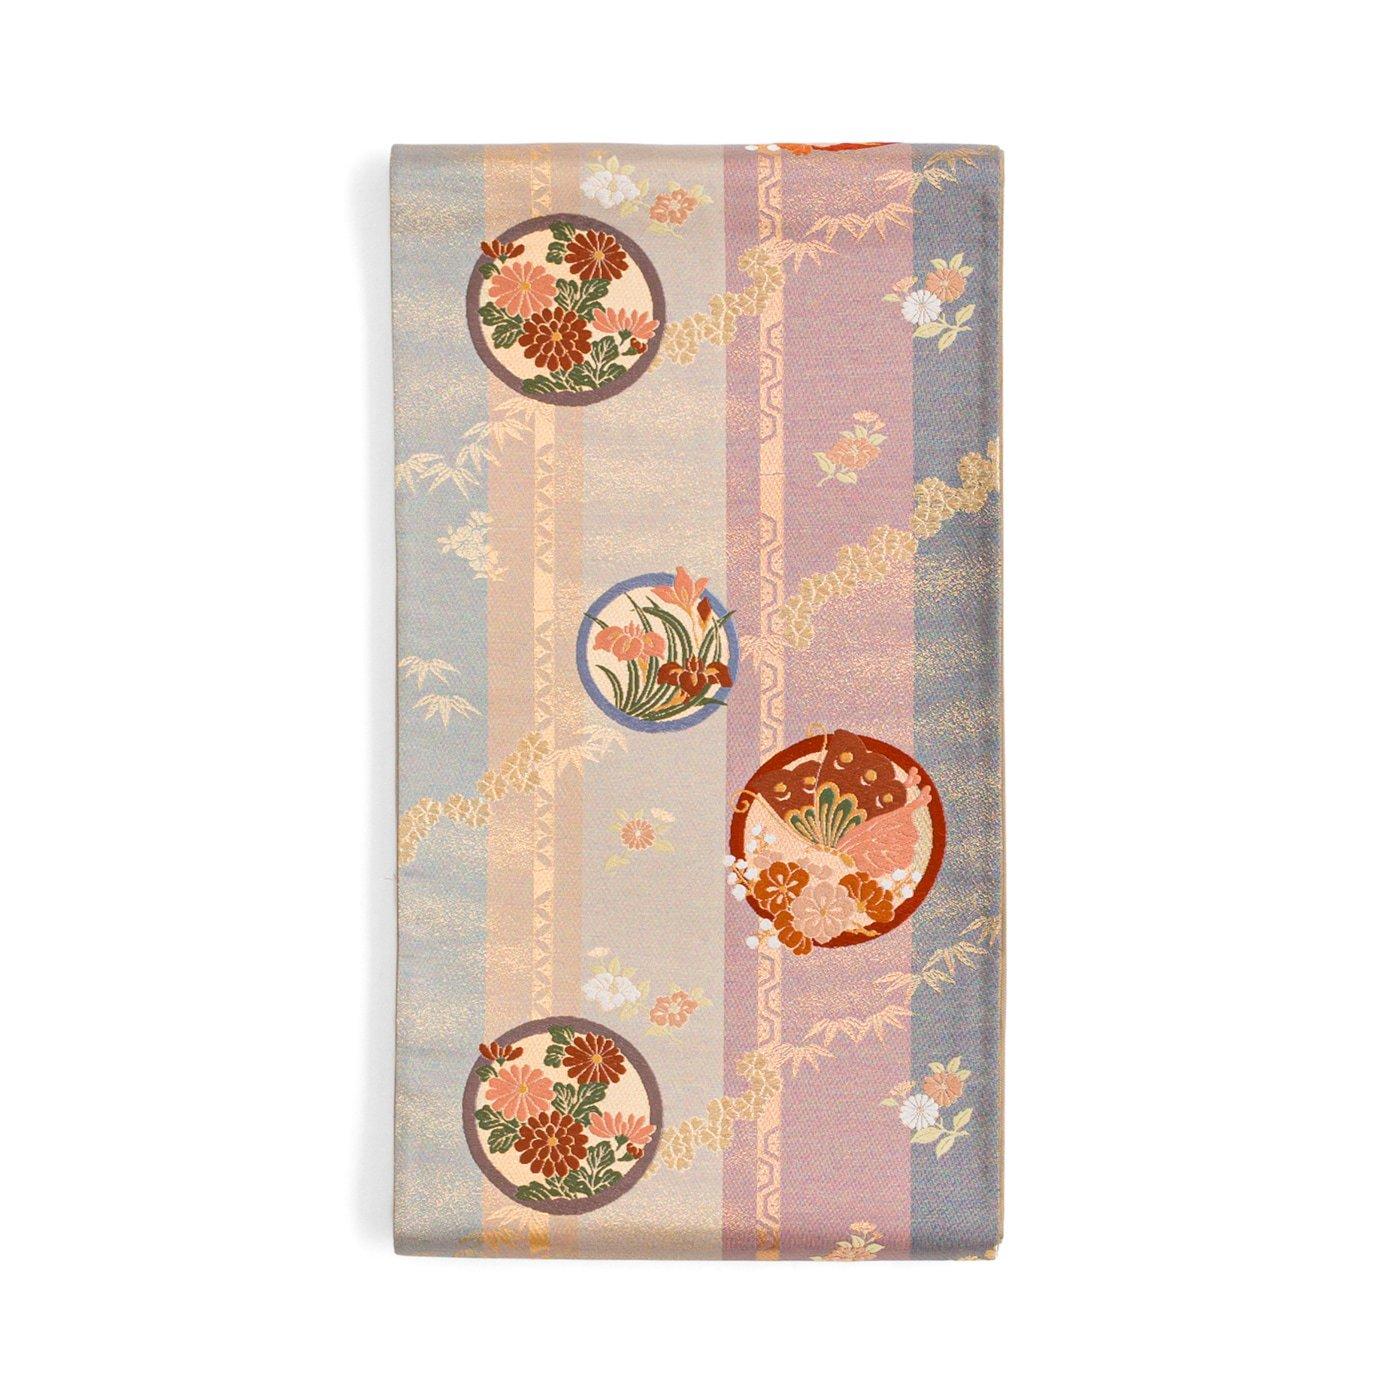 「袋帯●丸に花と揚羽蝶」の商品画像